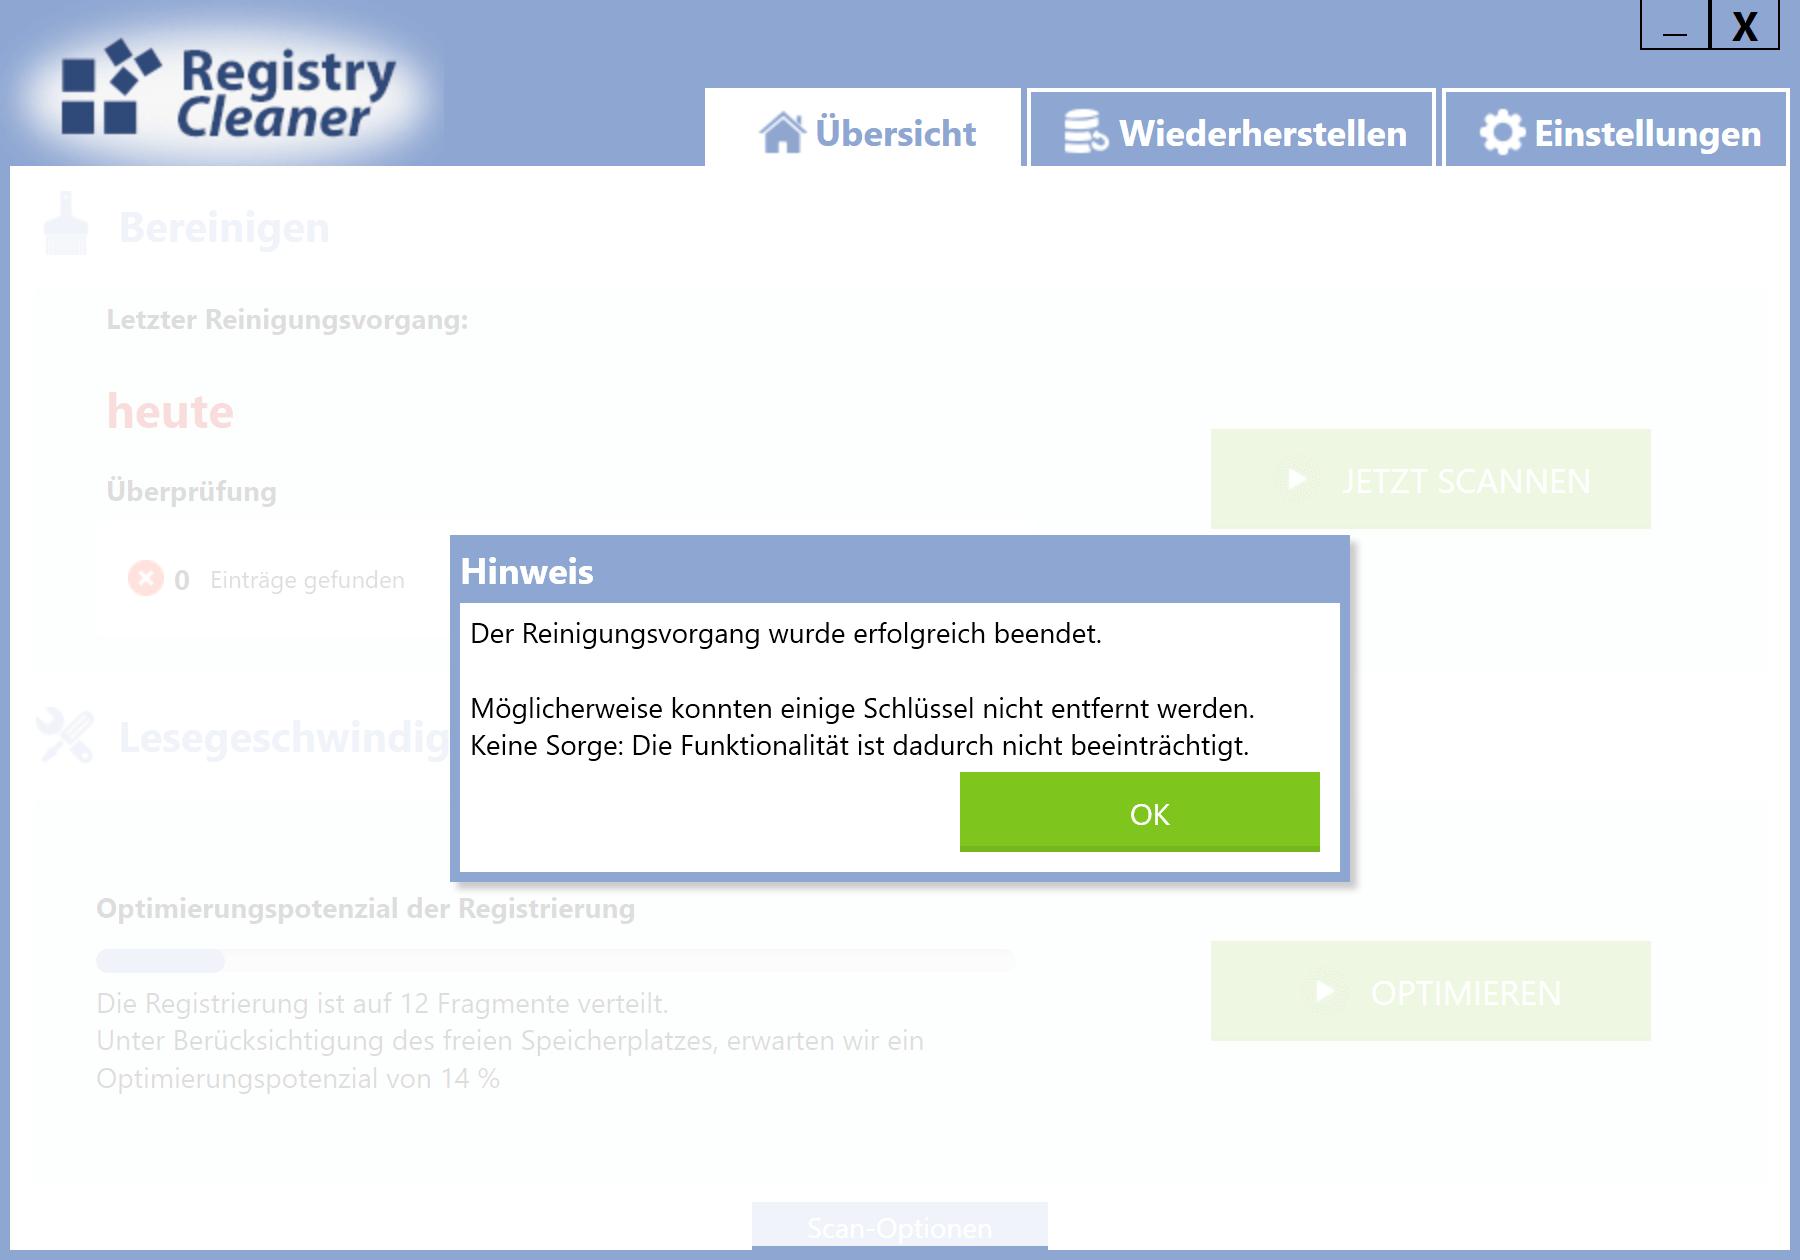 Windows 10 Registry schneller machen - Löschung bestätigen